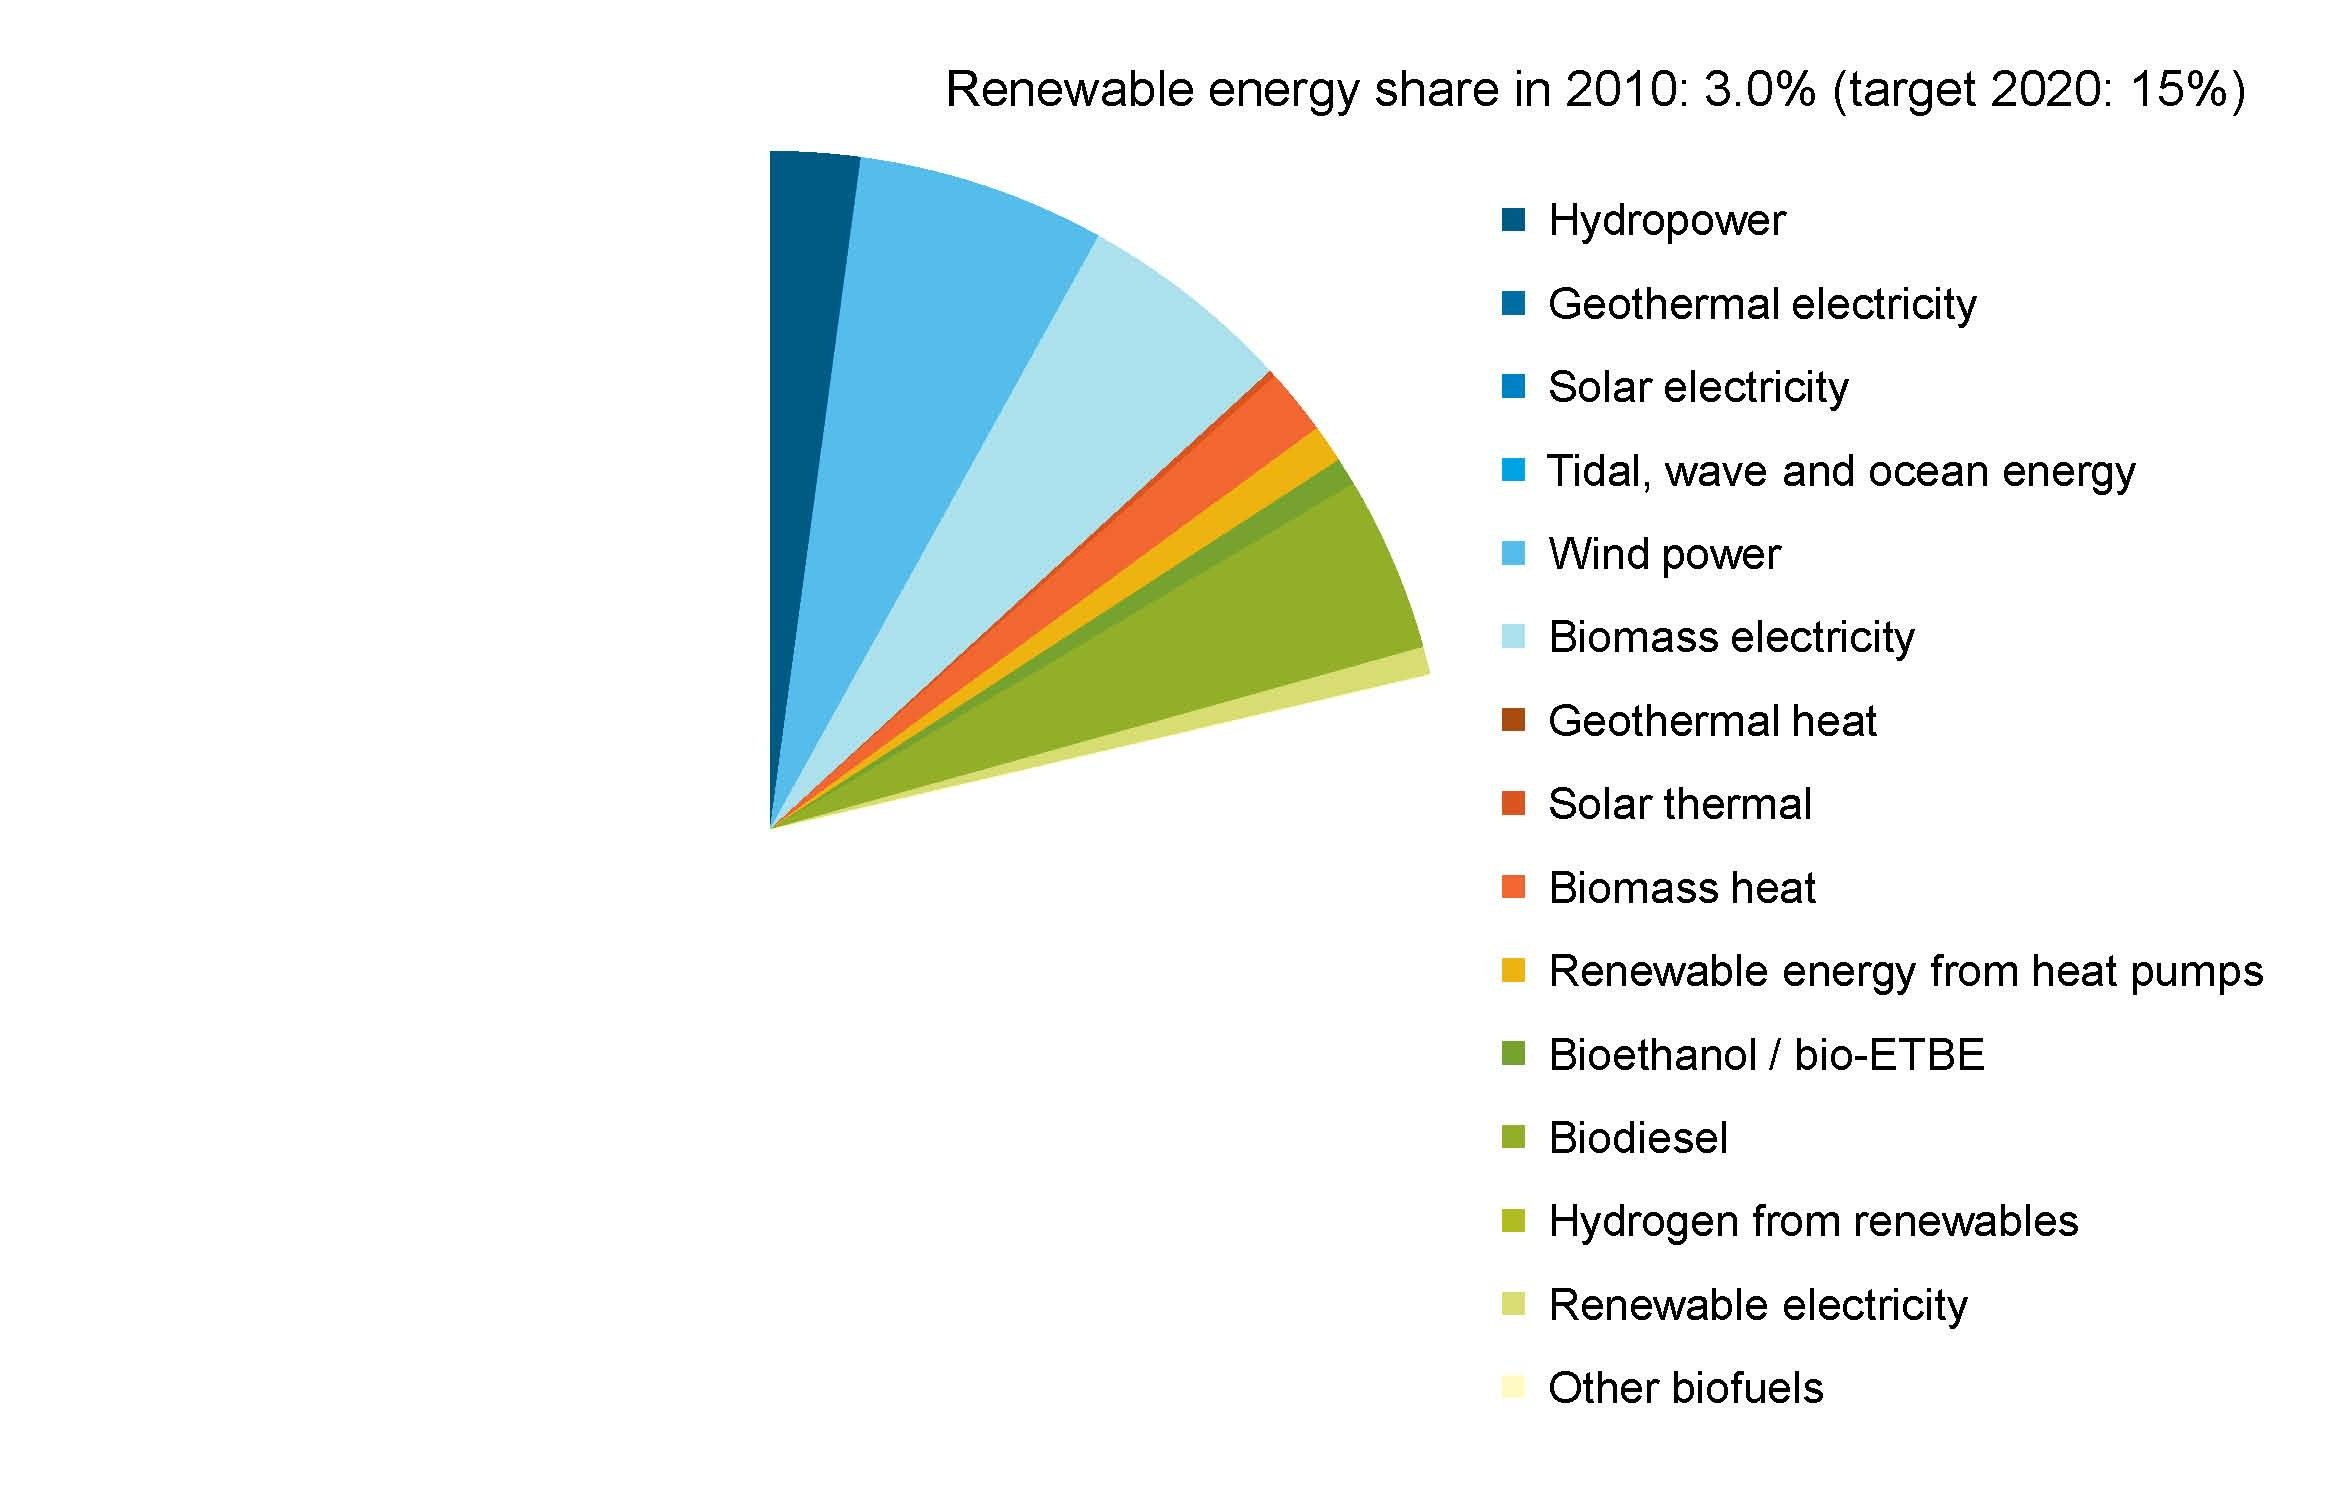 uk-renewable-energy-2010